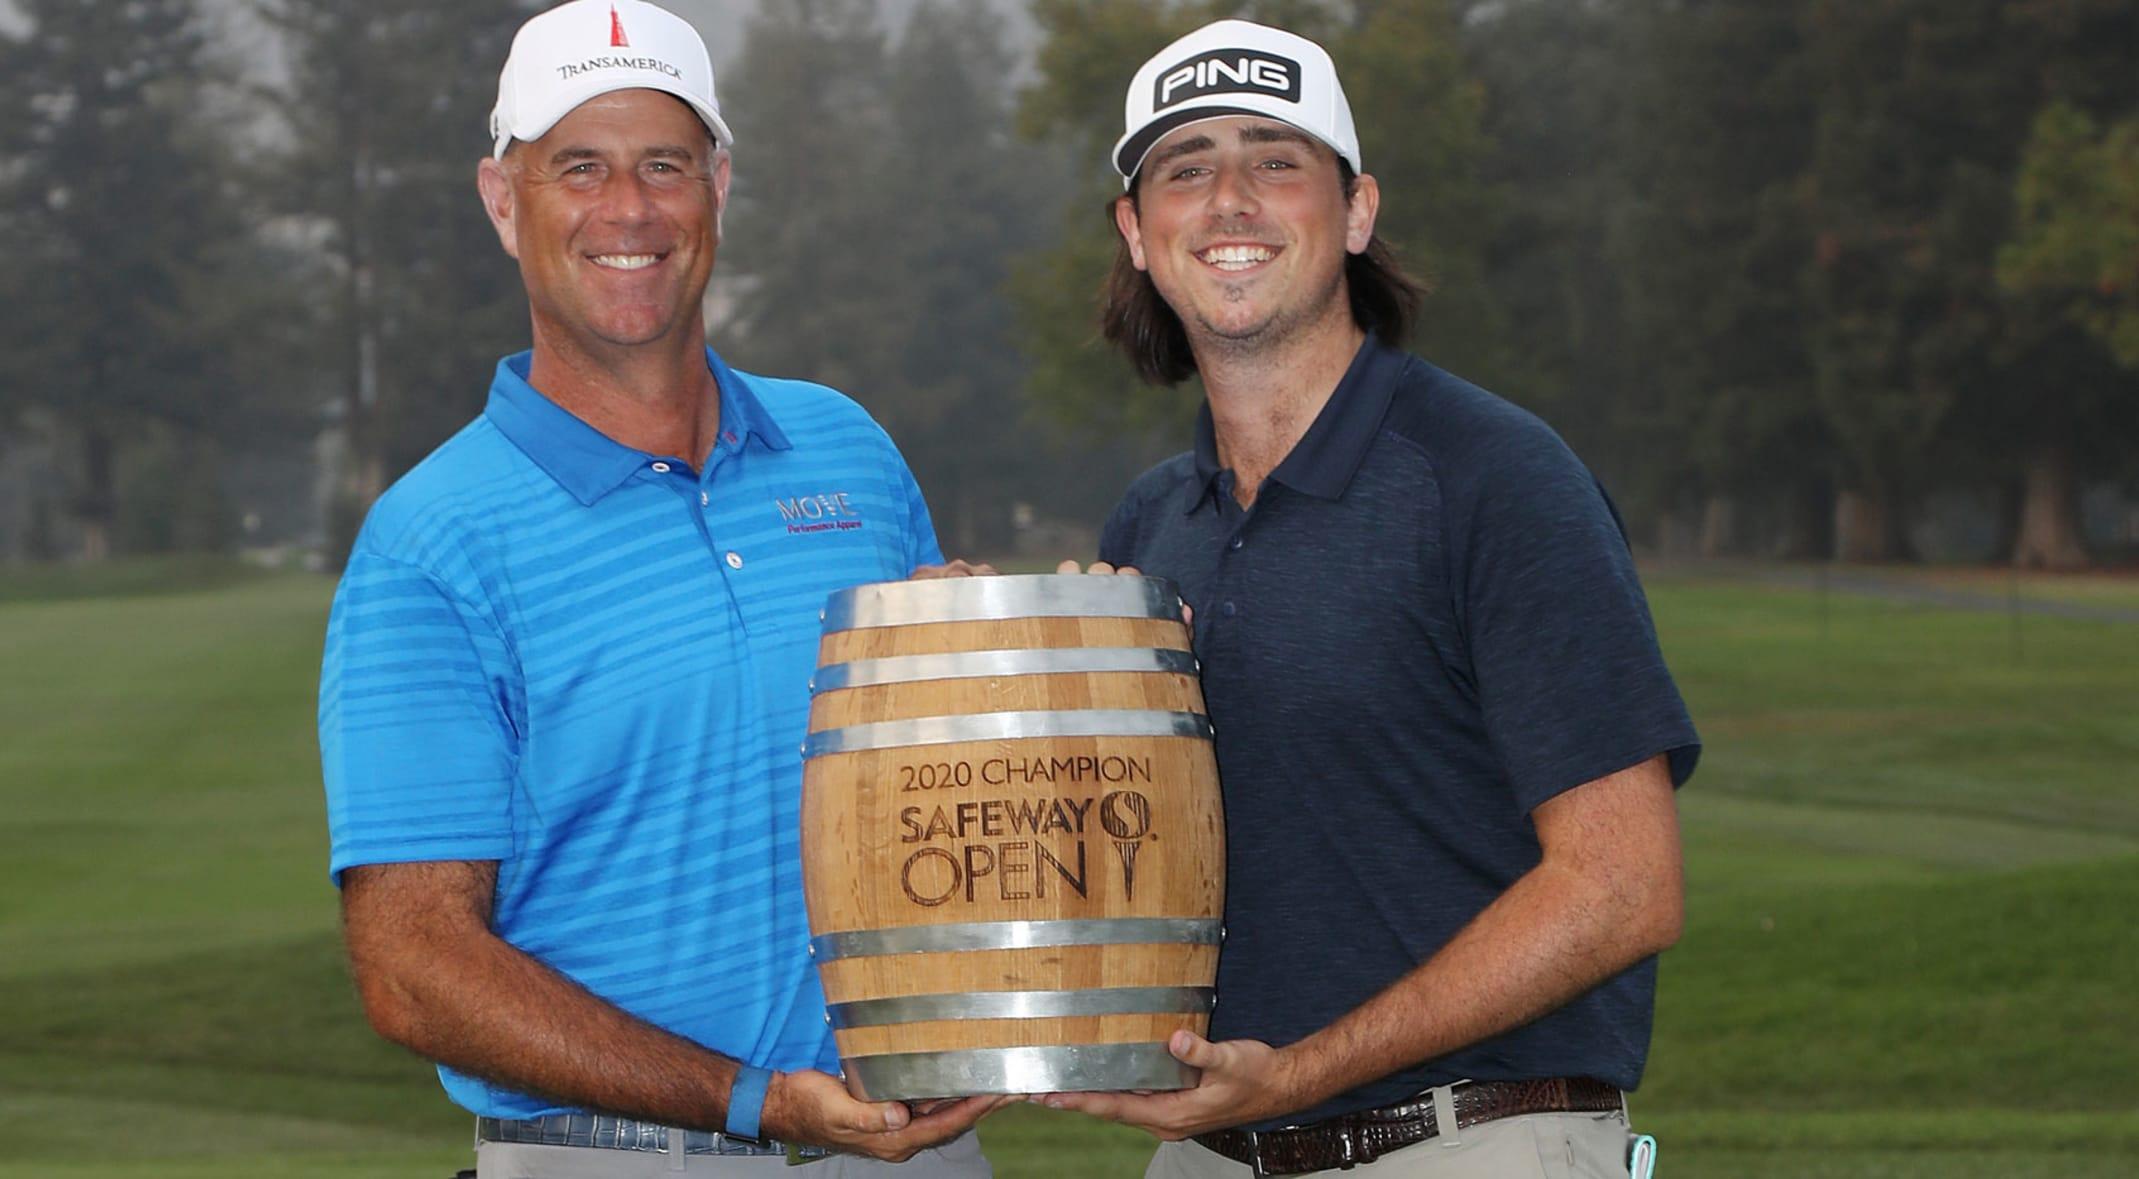 Defending champion Stewart Cink and his son/caddie Reagan